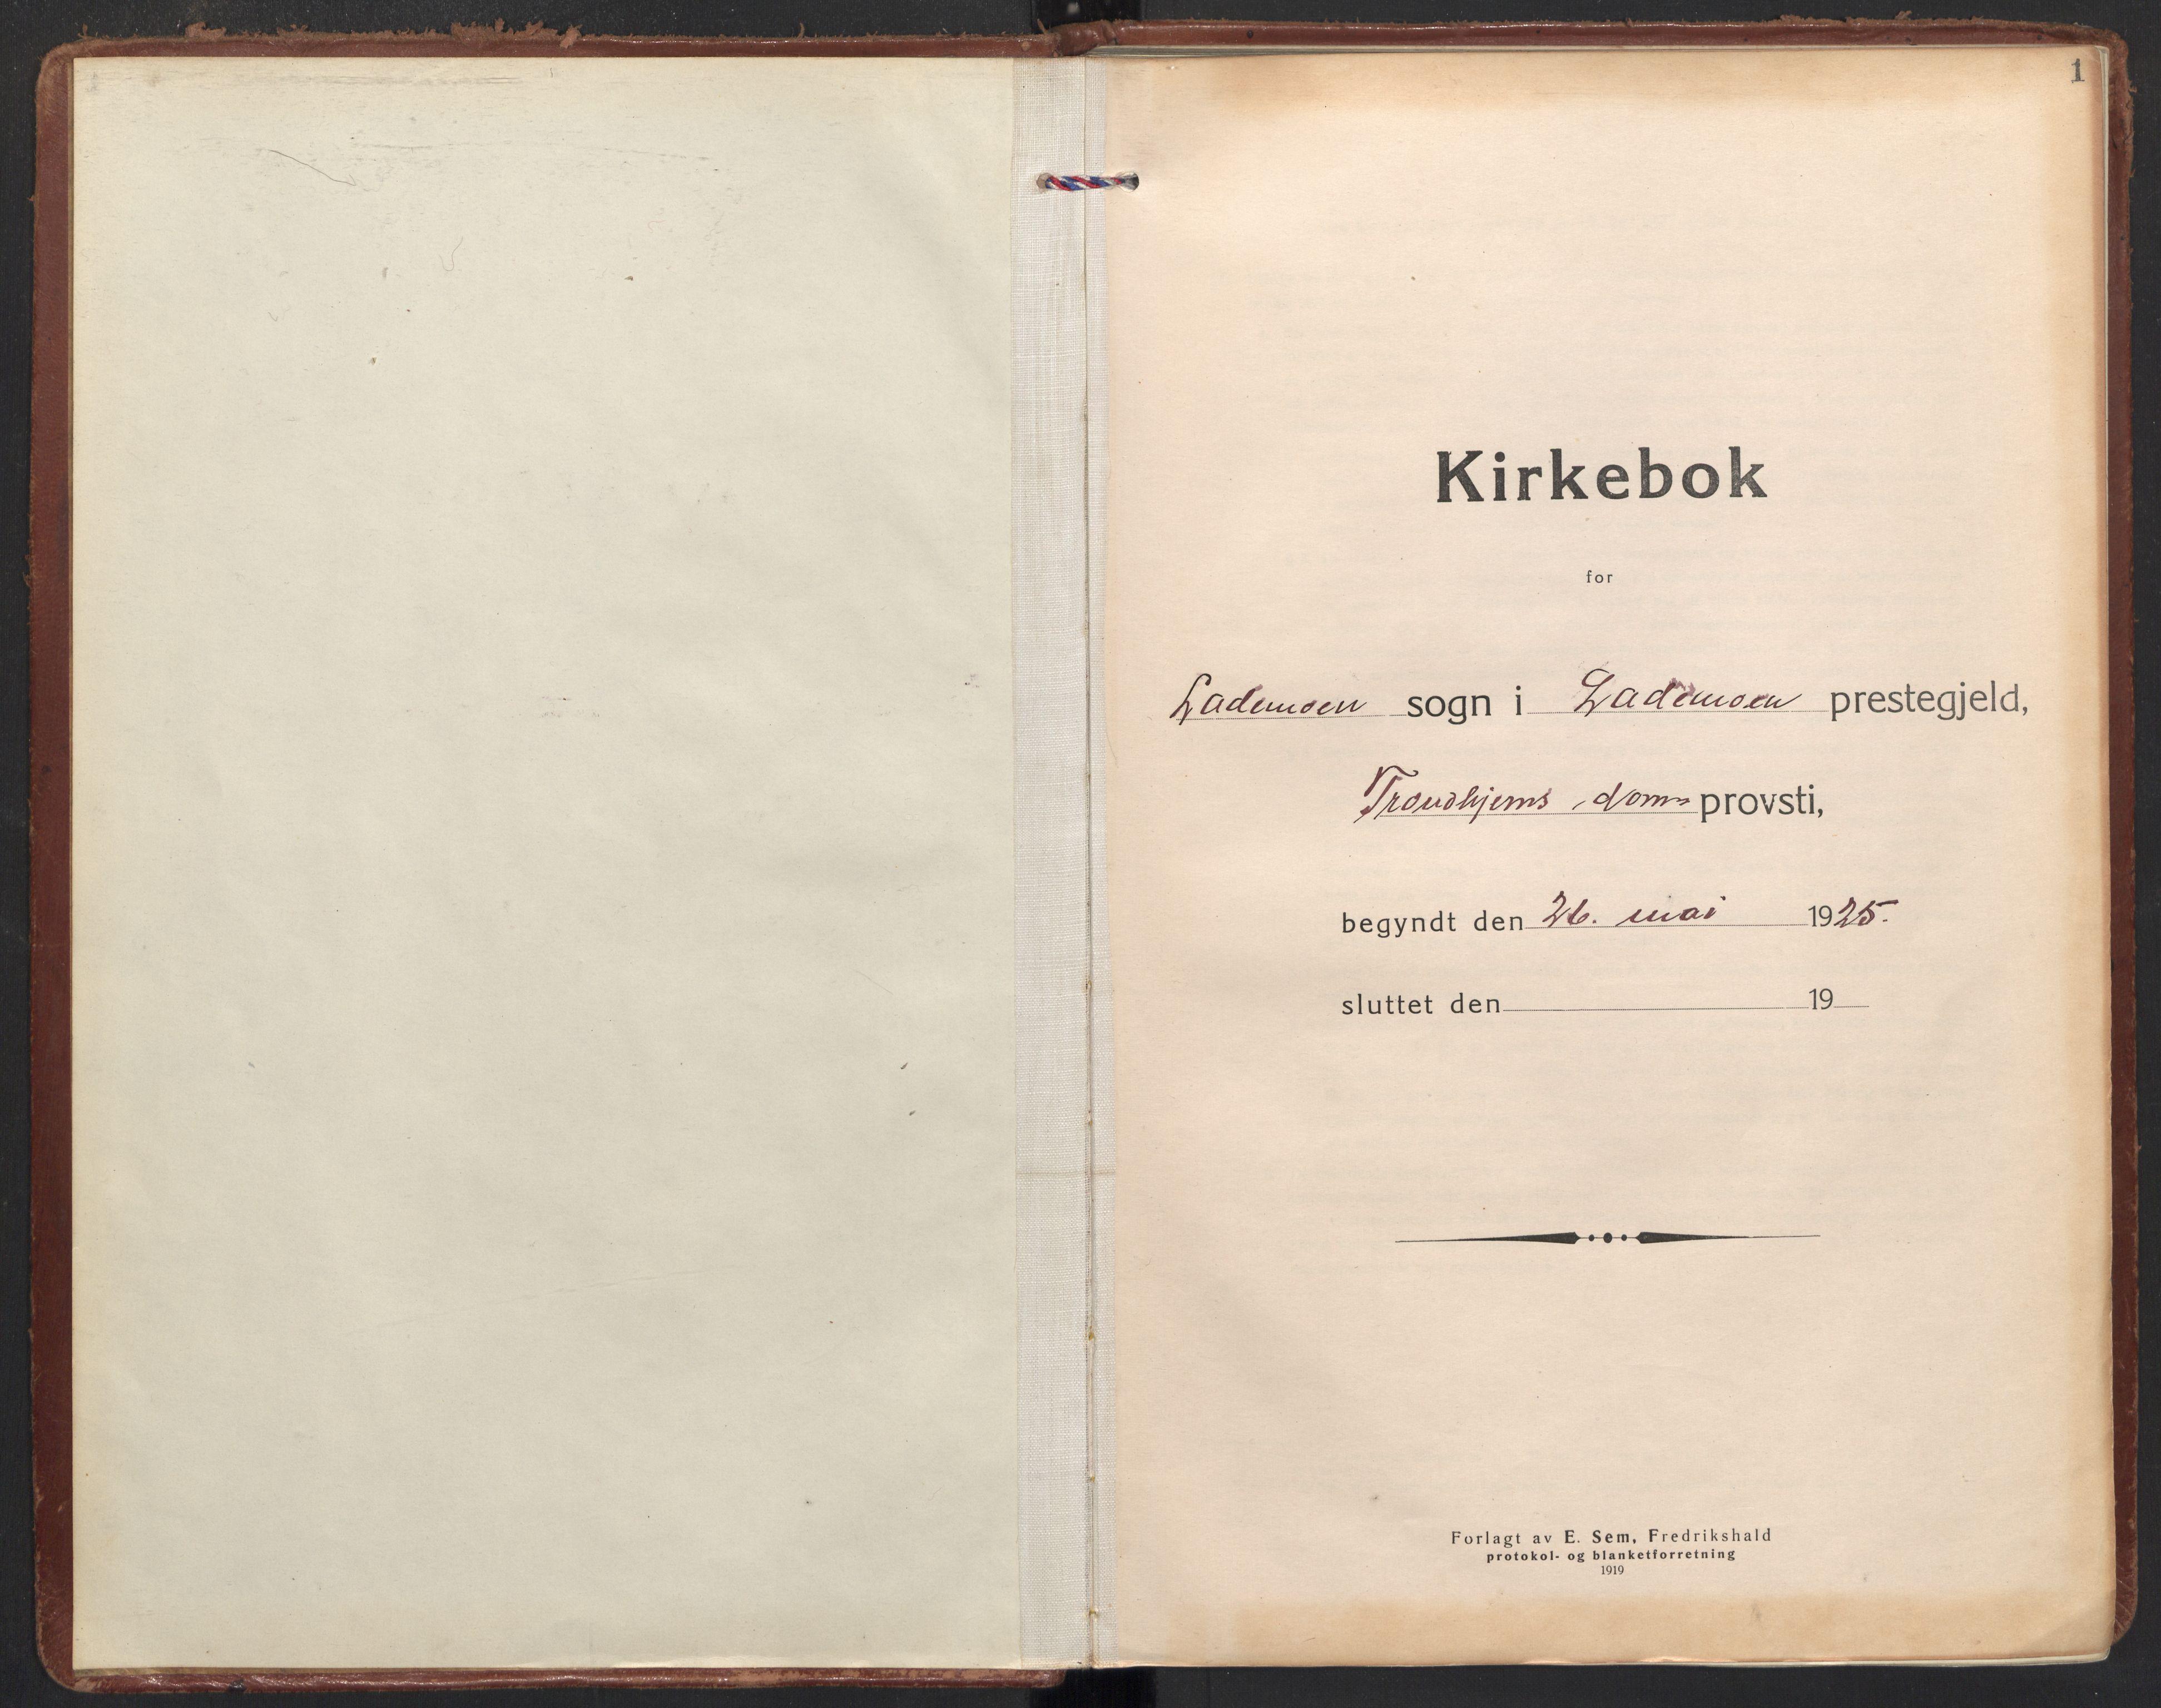 SAT, Ministerialprotokoller, klokkerbøker og fødselsregistre - Sør-Trøndelag, 605/L0249: Ministerialbok nr. 605A11, 1925-1936, s. 1